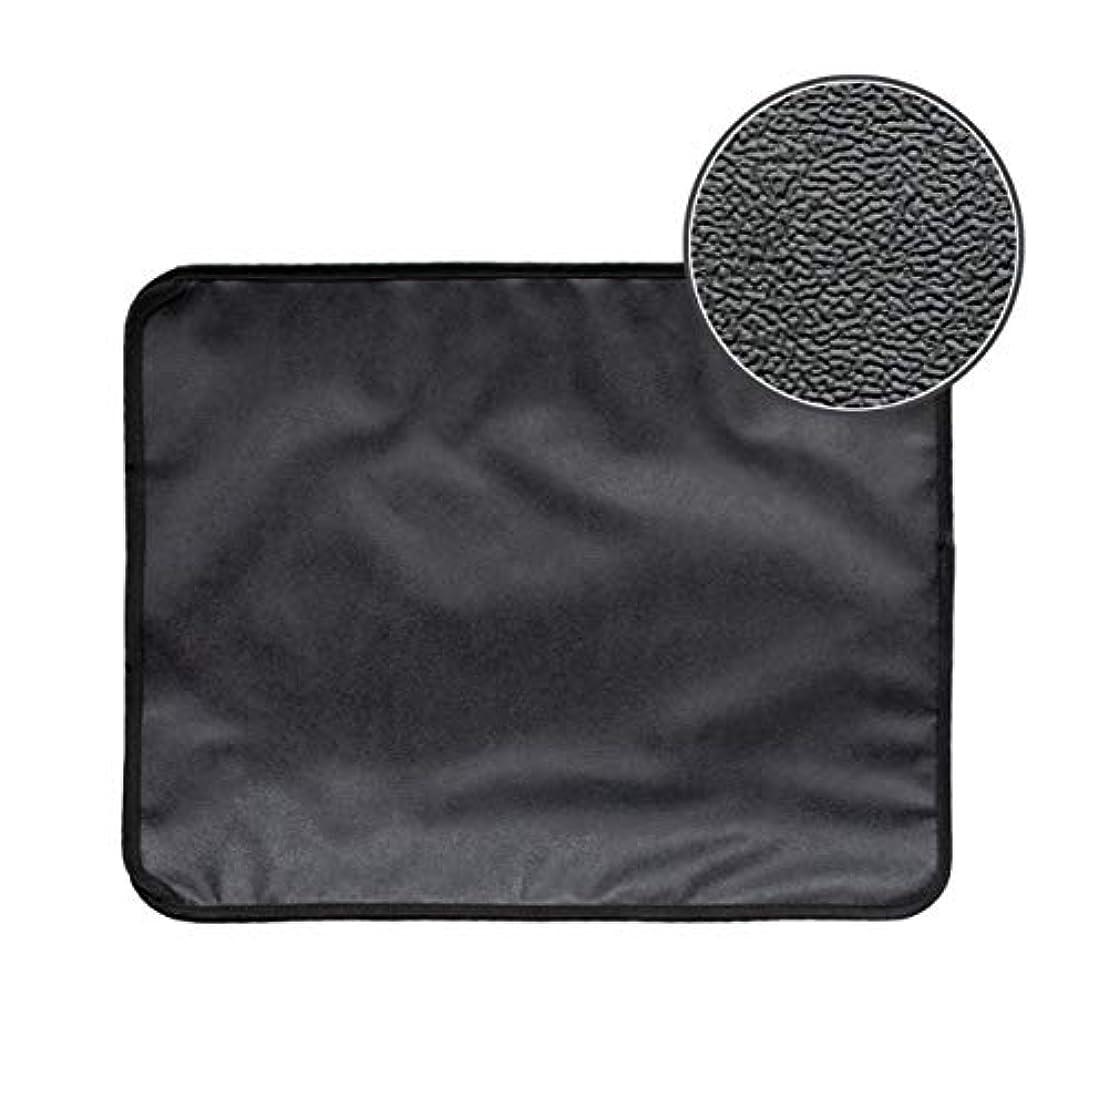 陰気ペスト我慢するSaikogoods 高弾性EVA 防水ボトム層と猫のトイレマット ブラック ダブルレイヤー 猫のトイレトラッパーマット 黒